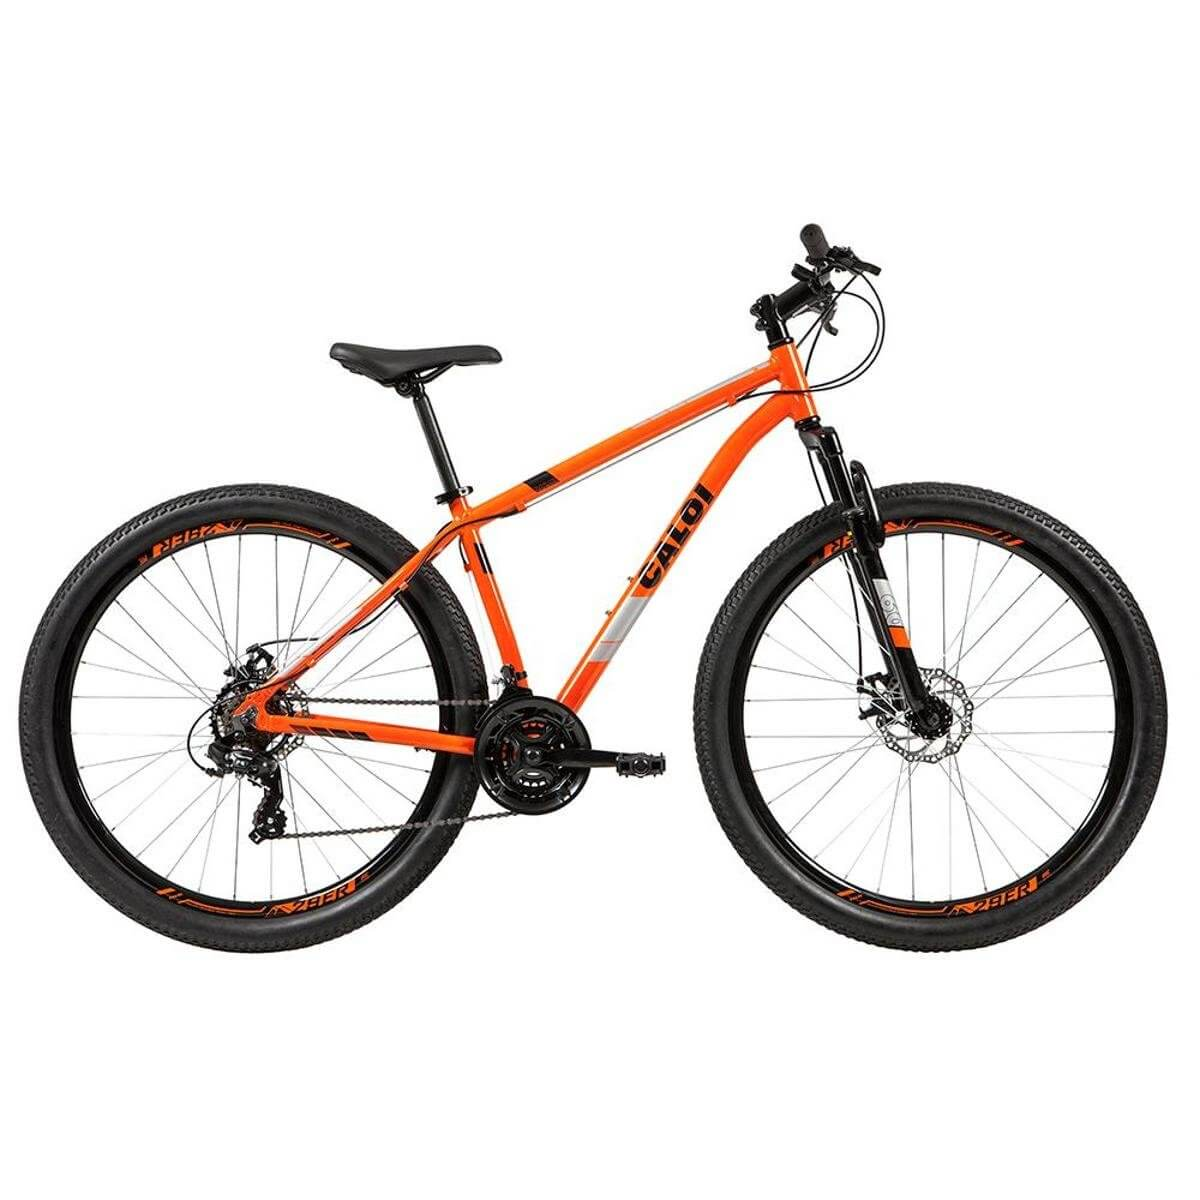 Bicicleta Mtb Caloi Two Niner Alloy Aro 29